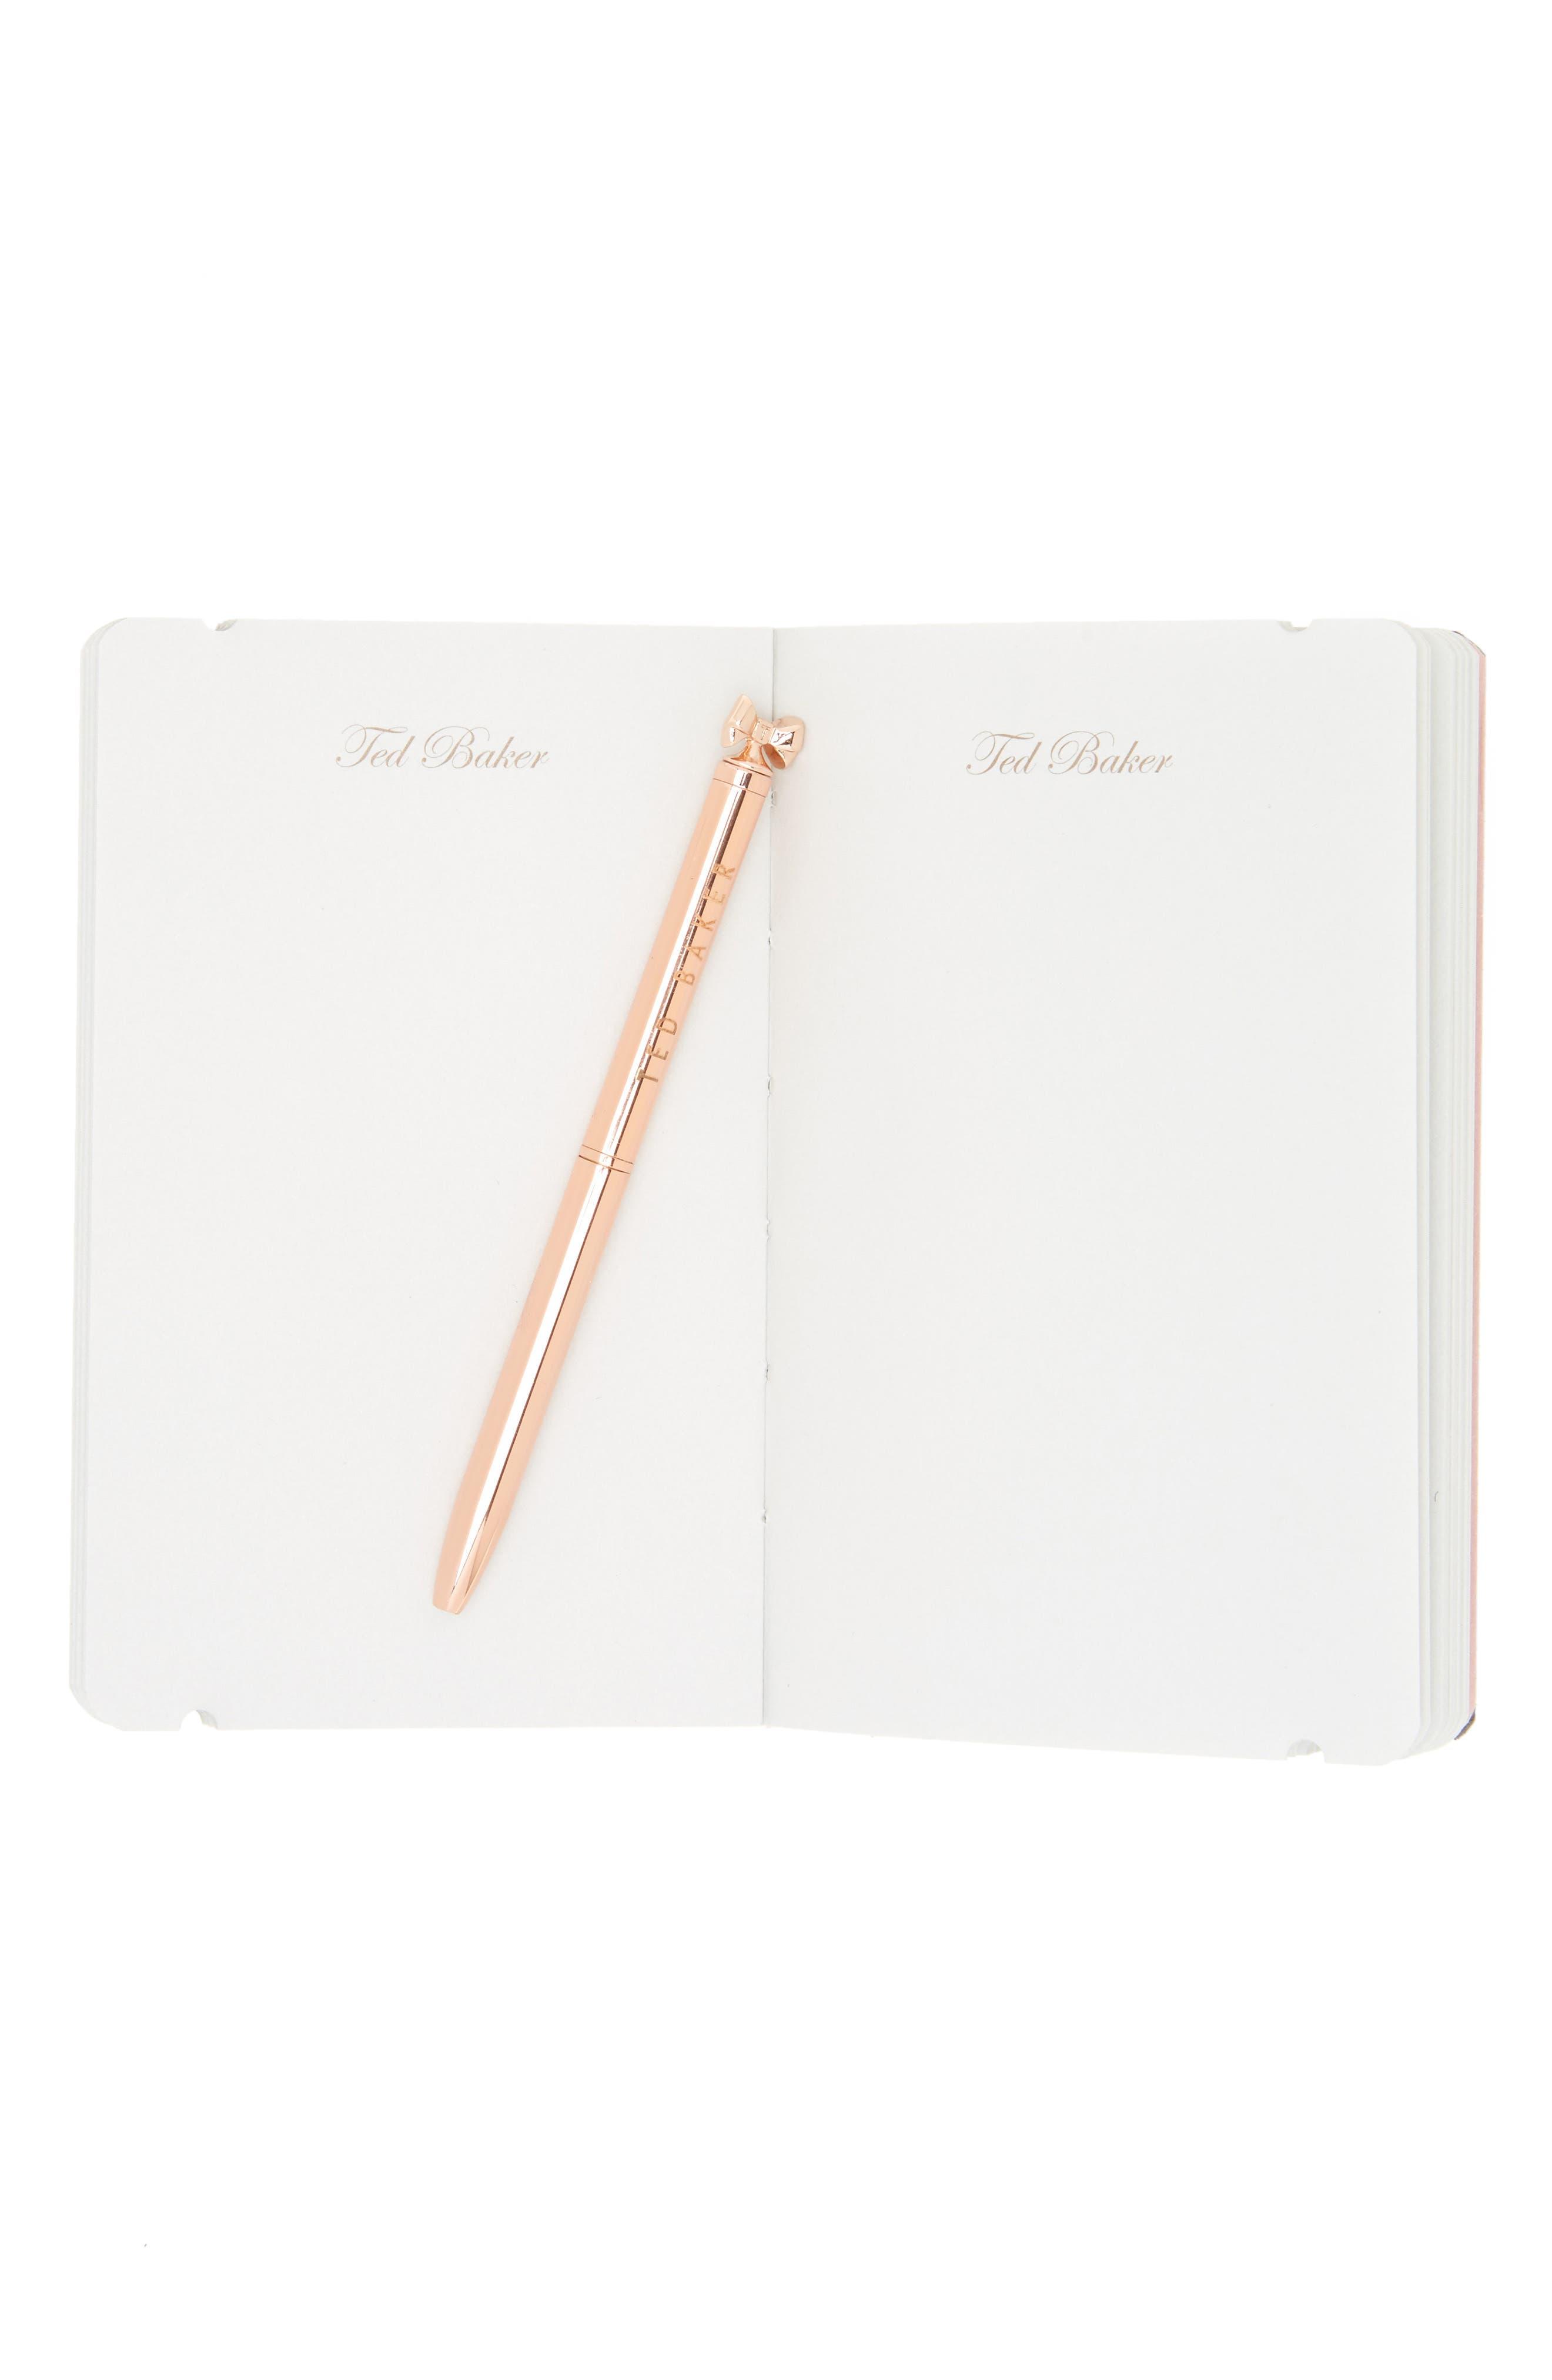 Mini Notebook & Pen Set,                             Alternate thumbnail 2, color,                             001